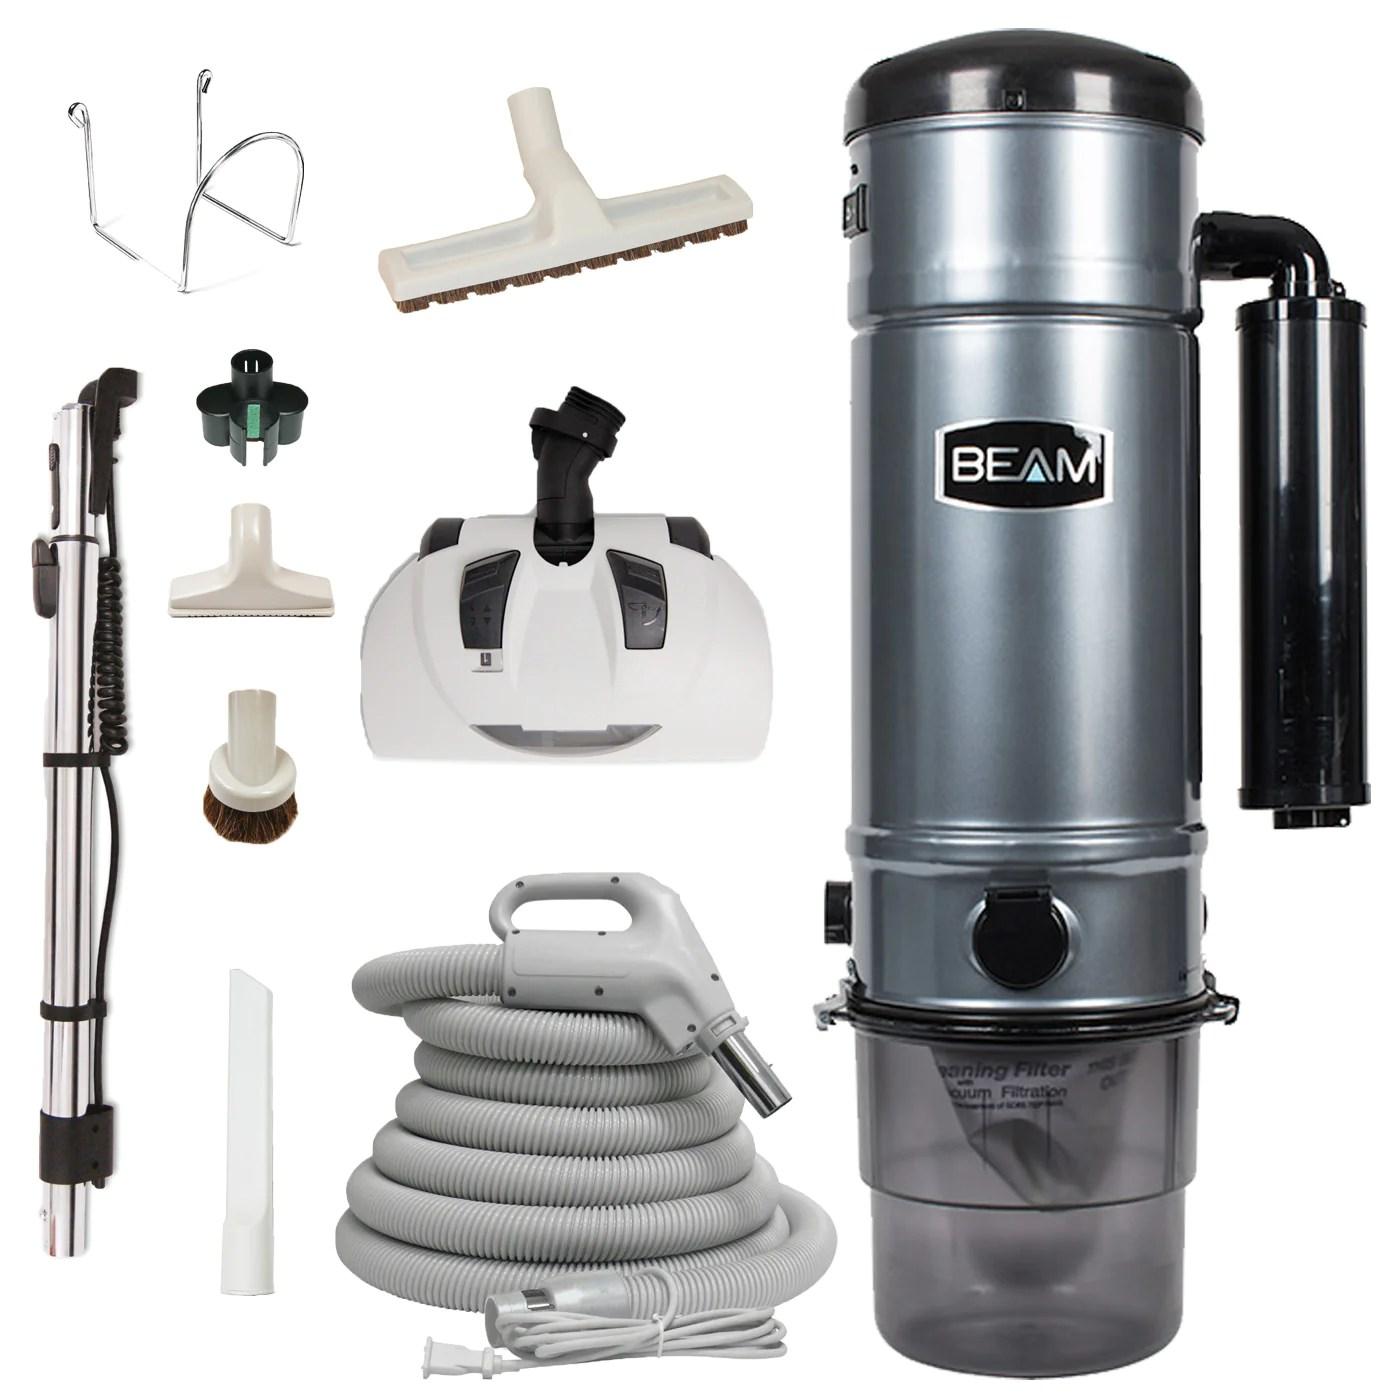 medium resolution of beam 375d wessel werk ebk360 central vacuum package